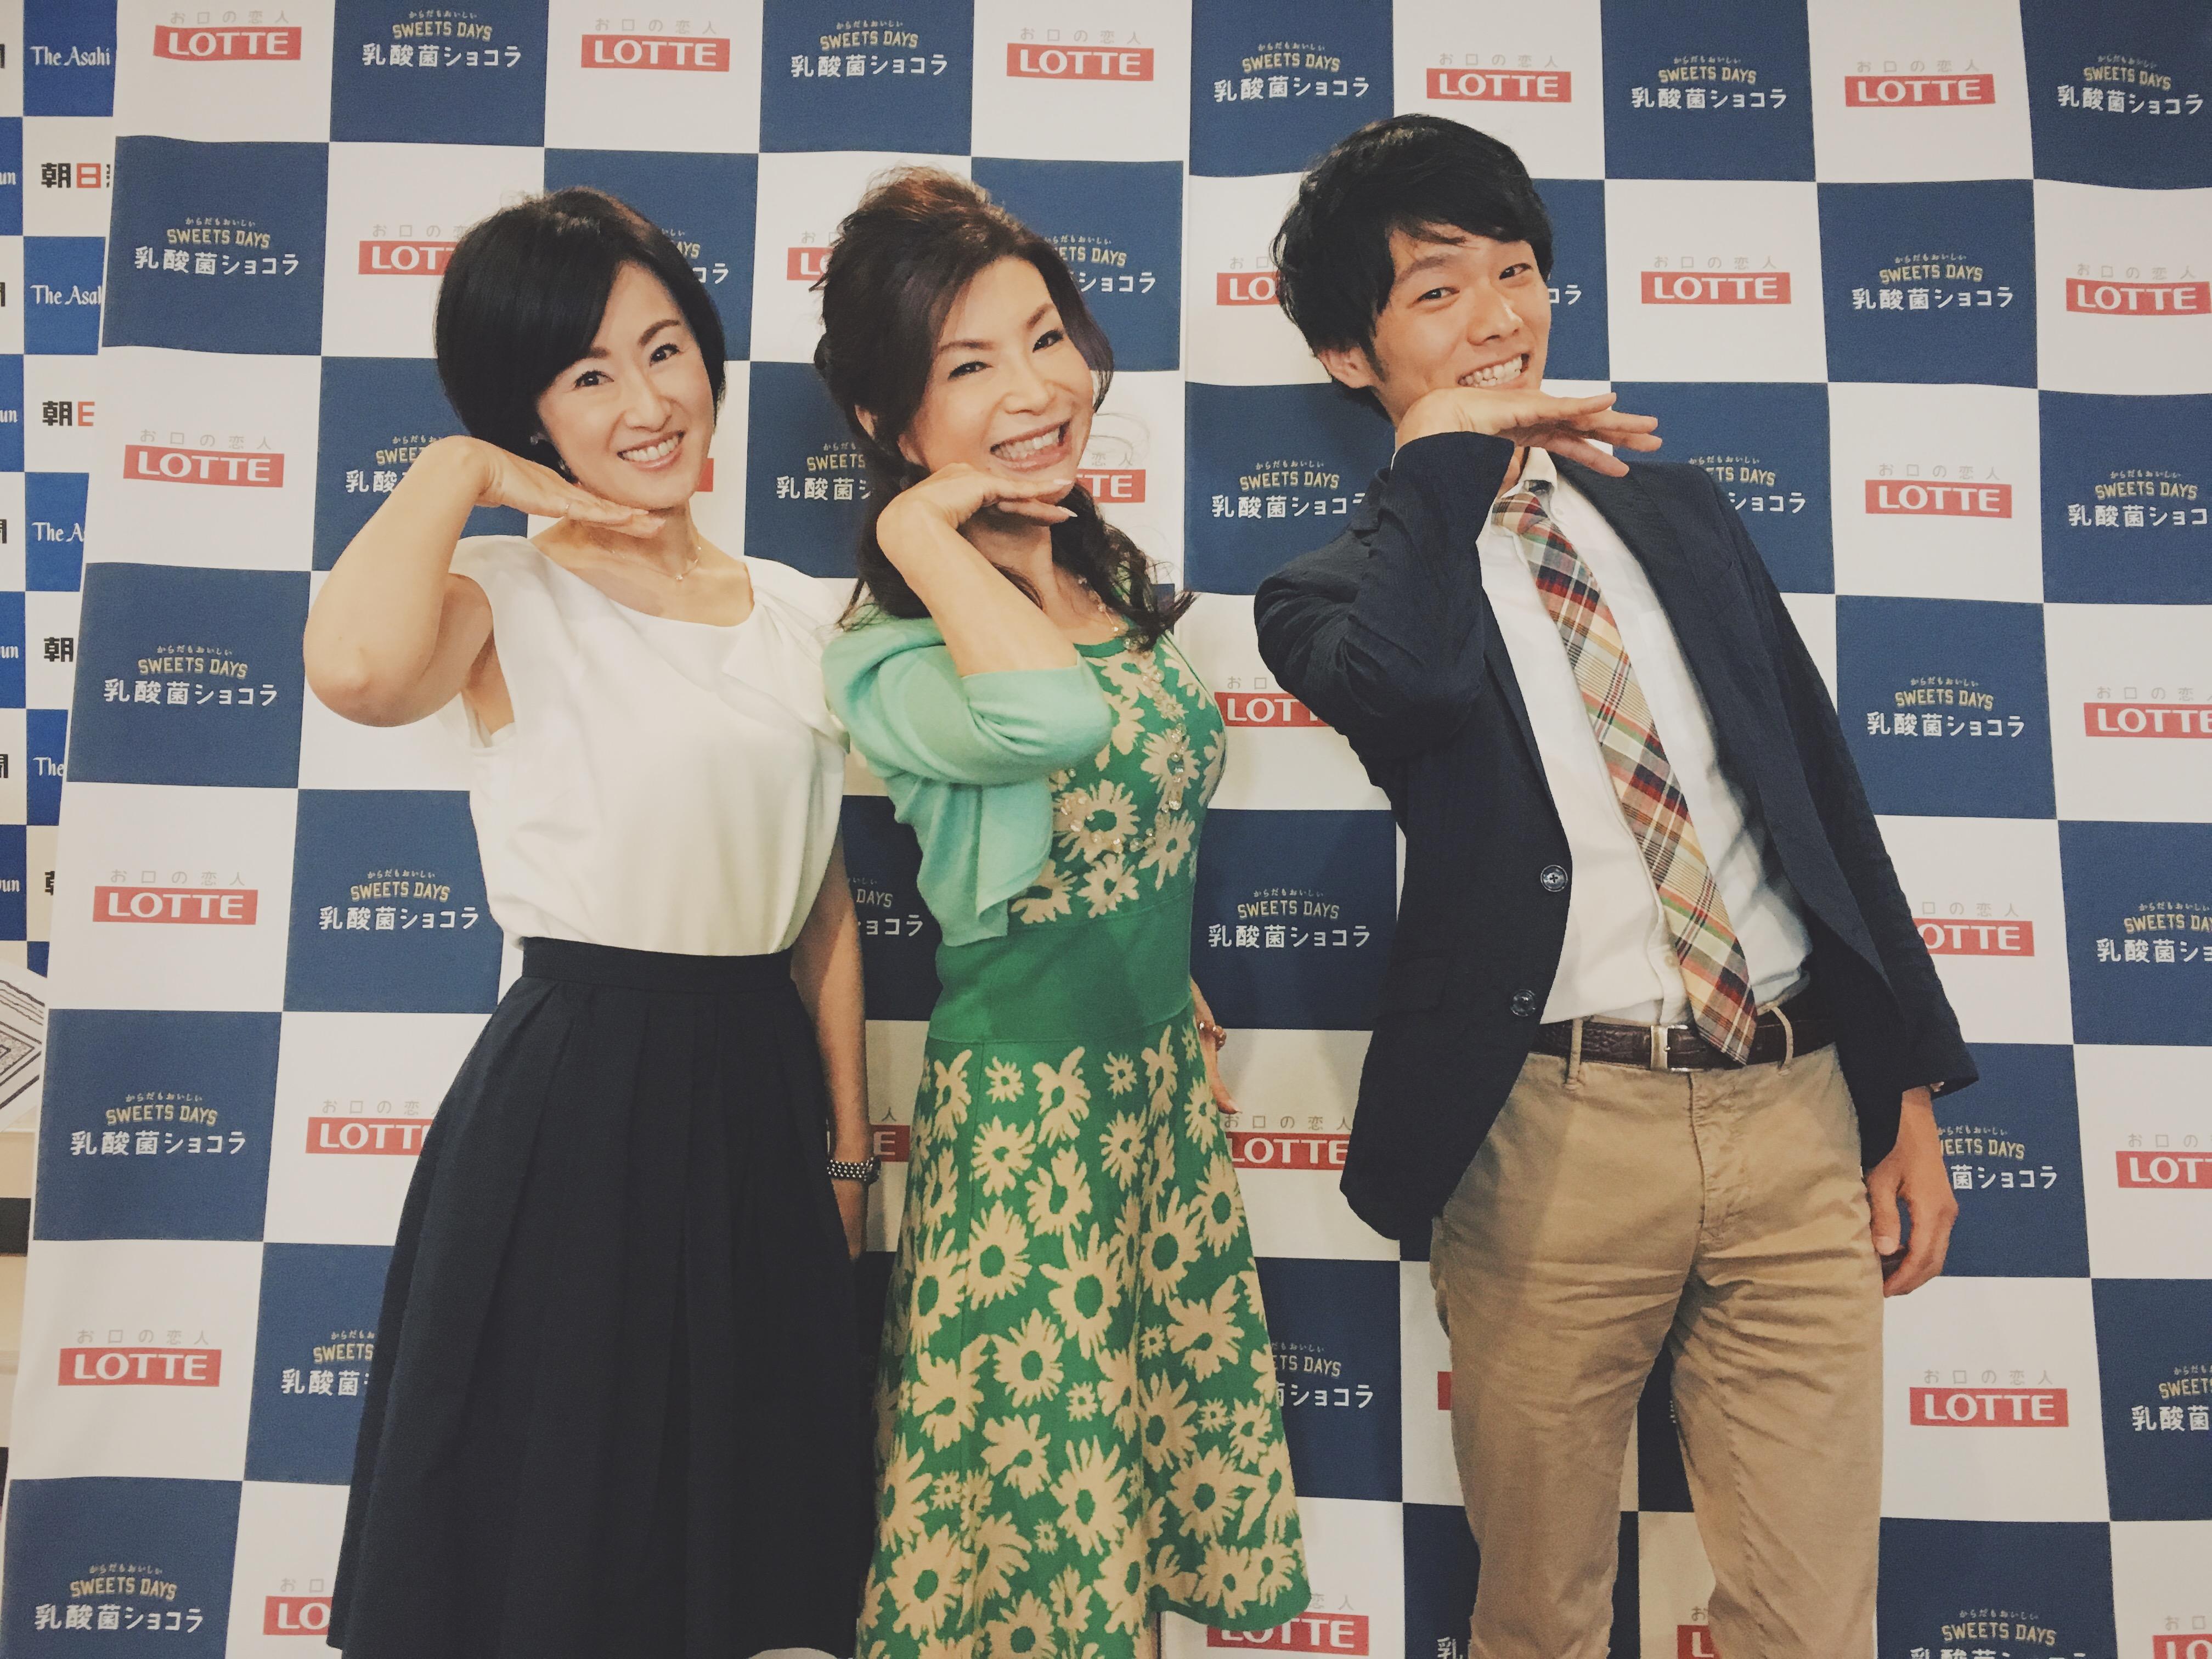 ロッテ「乳酸菌ショコラ」in 大阪 トークショーイベントに出演しました!